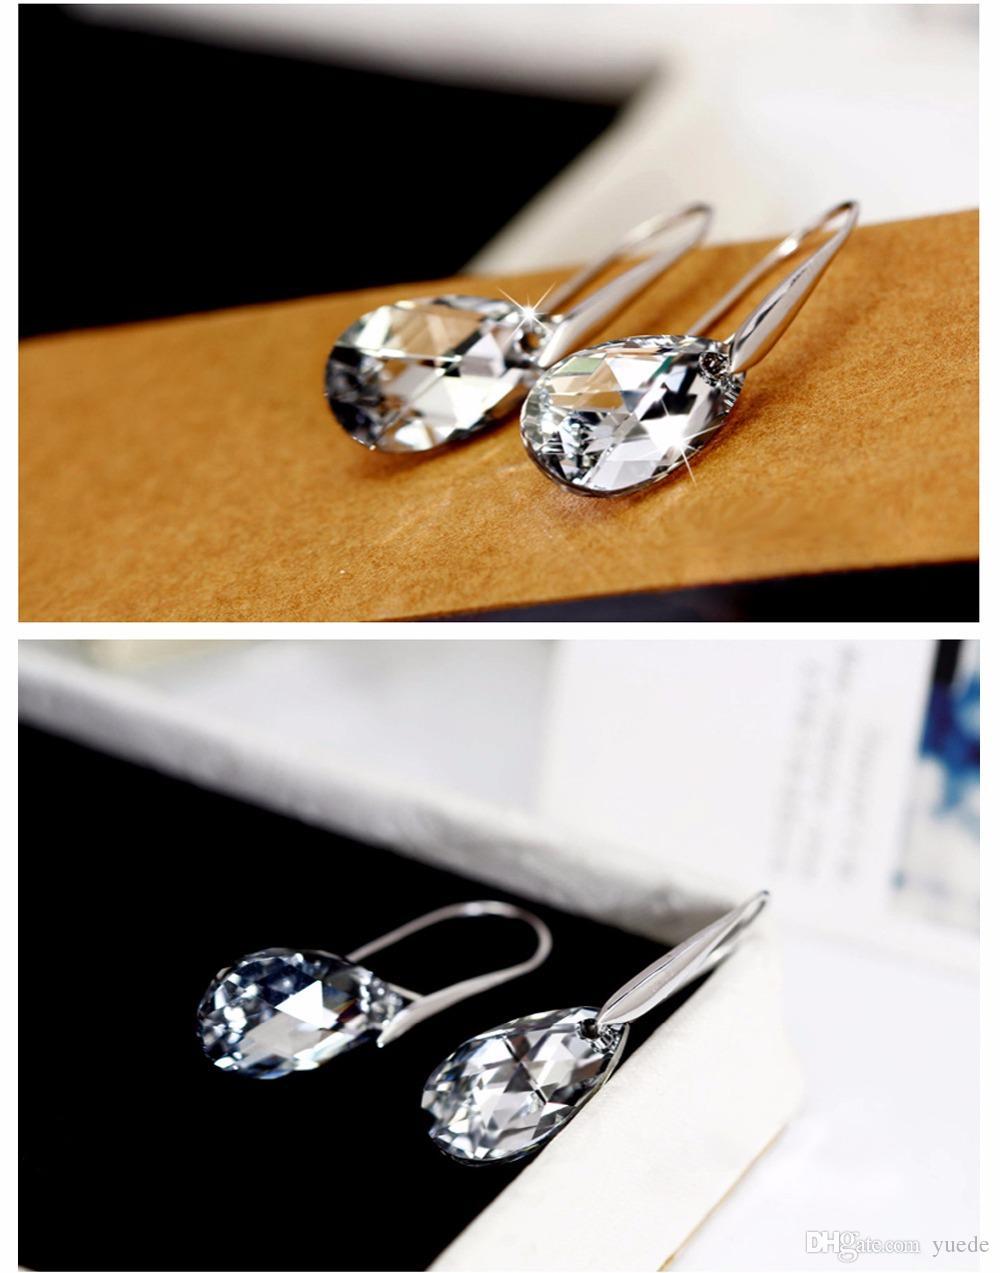 NEUE VERKAUF 925 Sterling Silber 100% Original Kristalle von Swarovski Bella Mini Piercing Ohrringe Fashion Ohrstecker